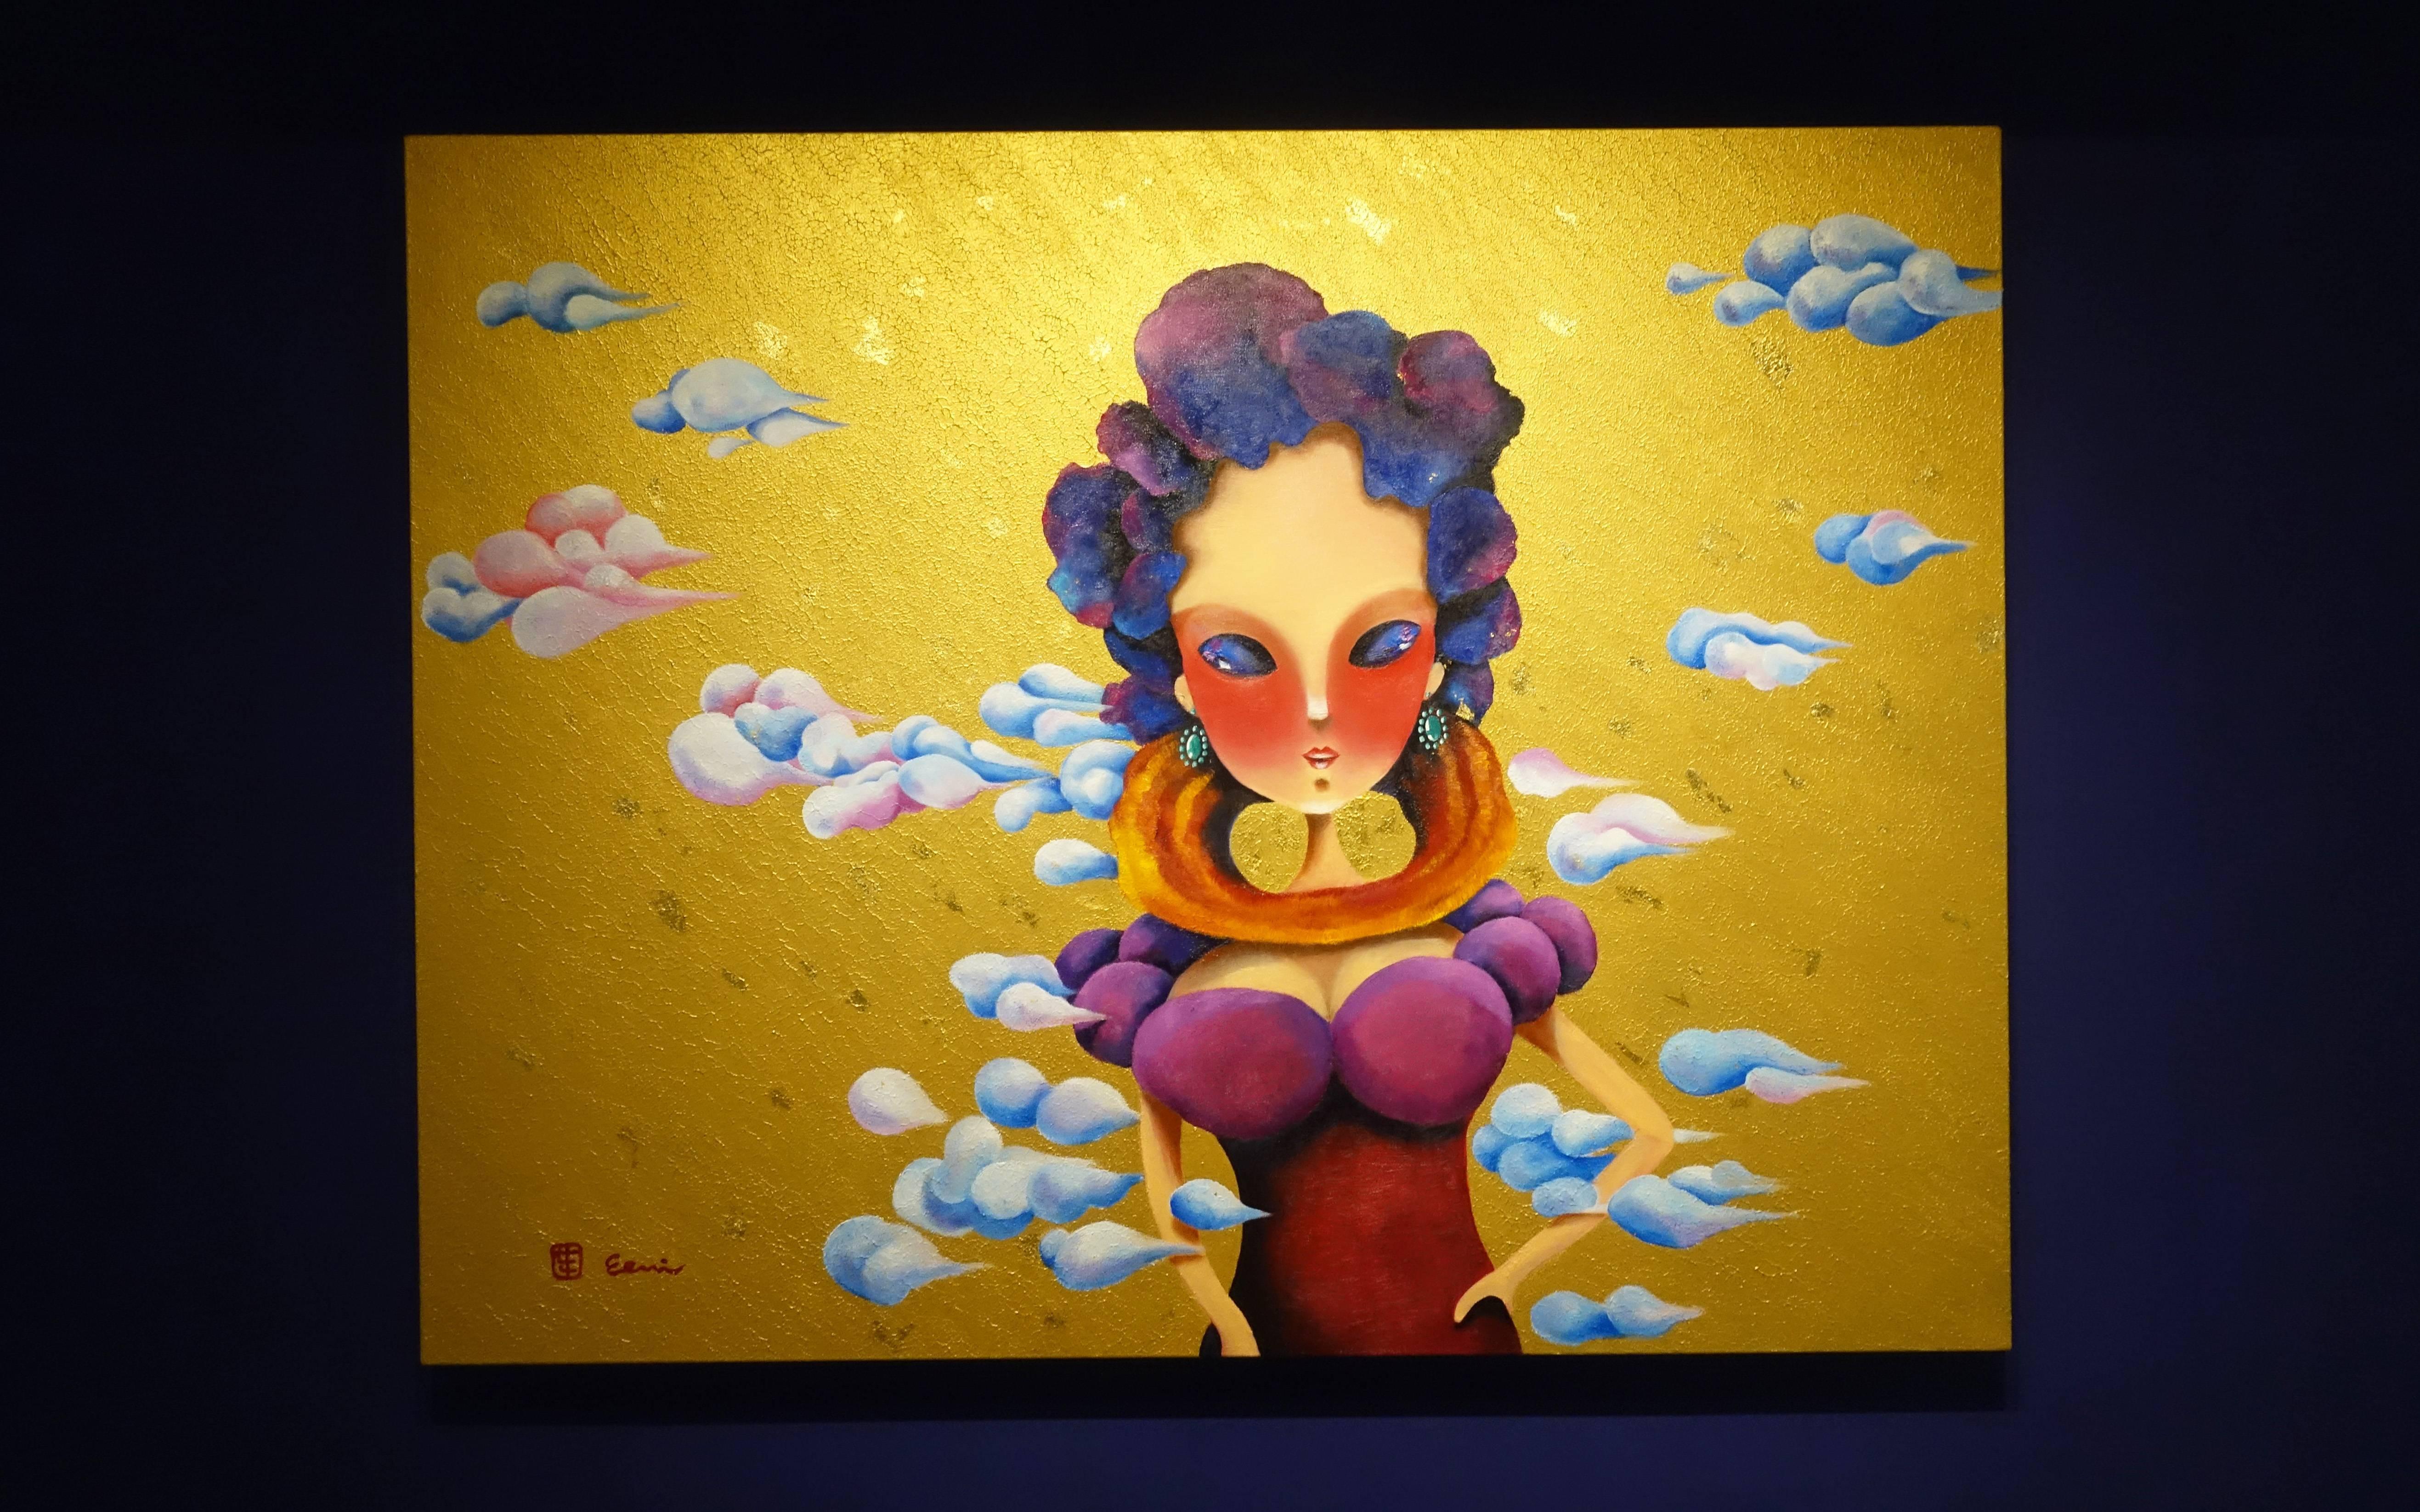 東明相,《在未來遇見自己(老娘NO.10)》,油畫,2016。